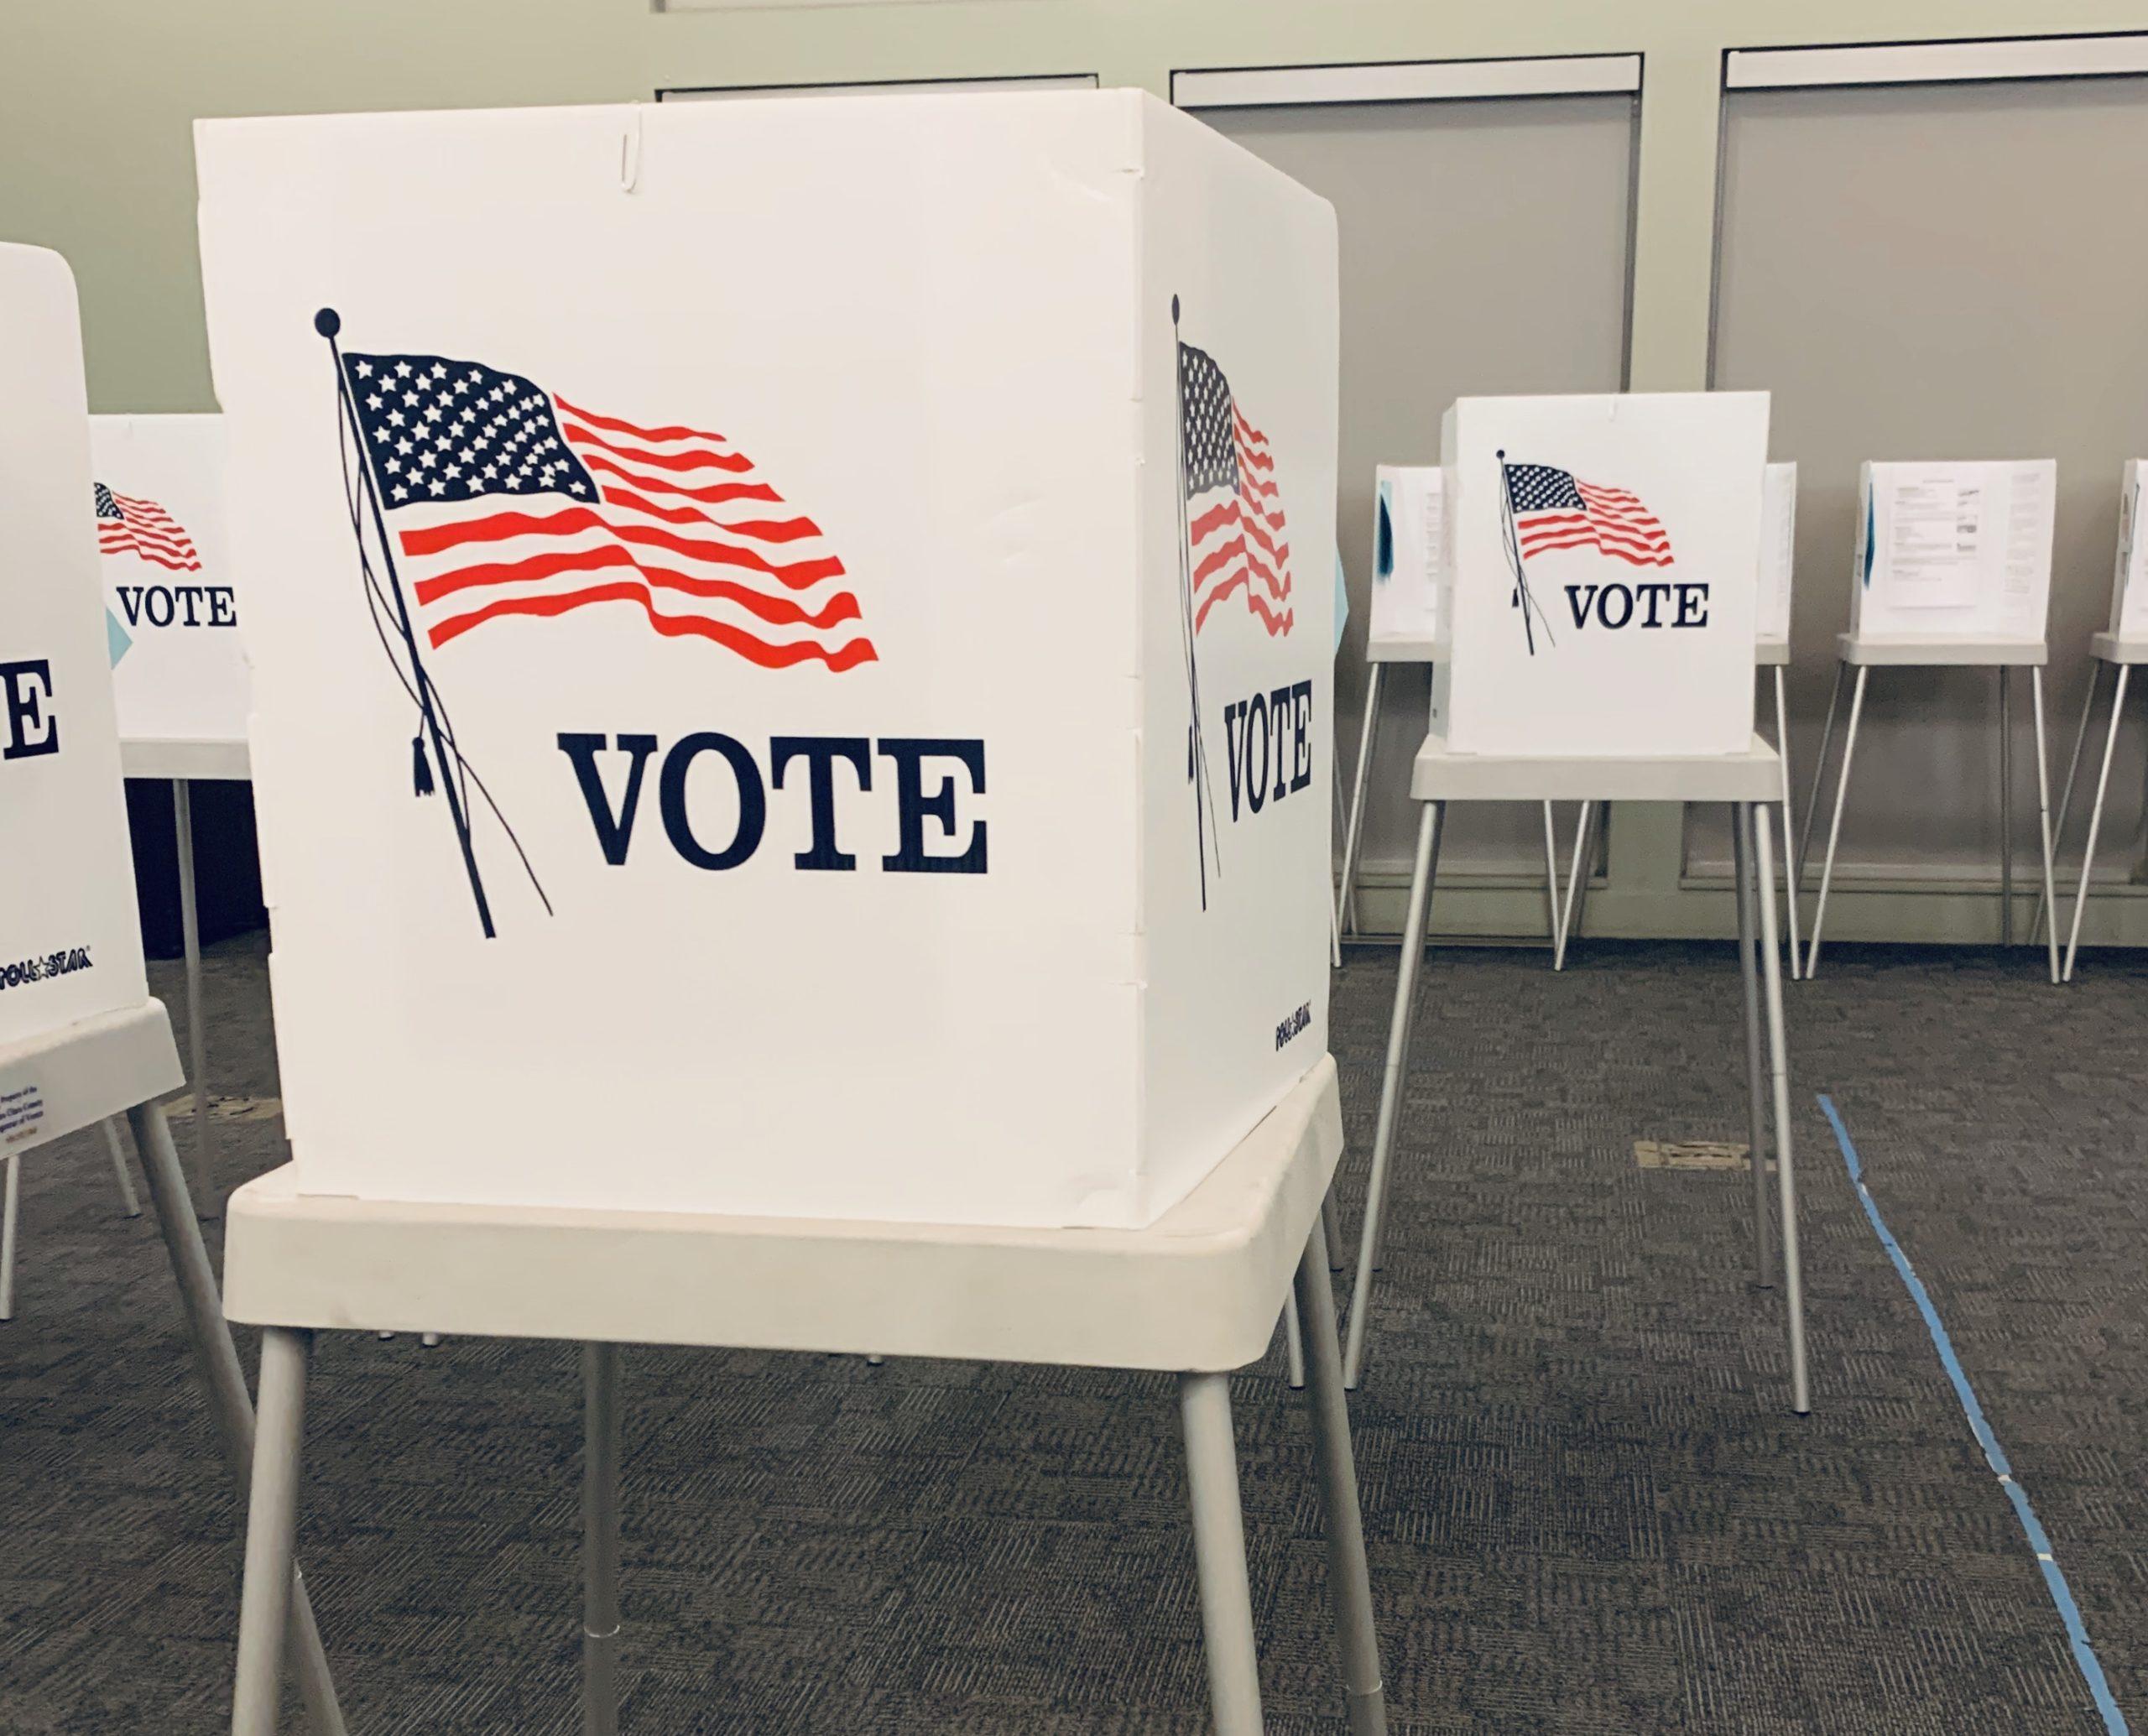 Cabina de votación con bandera americana